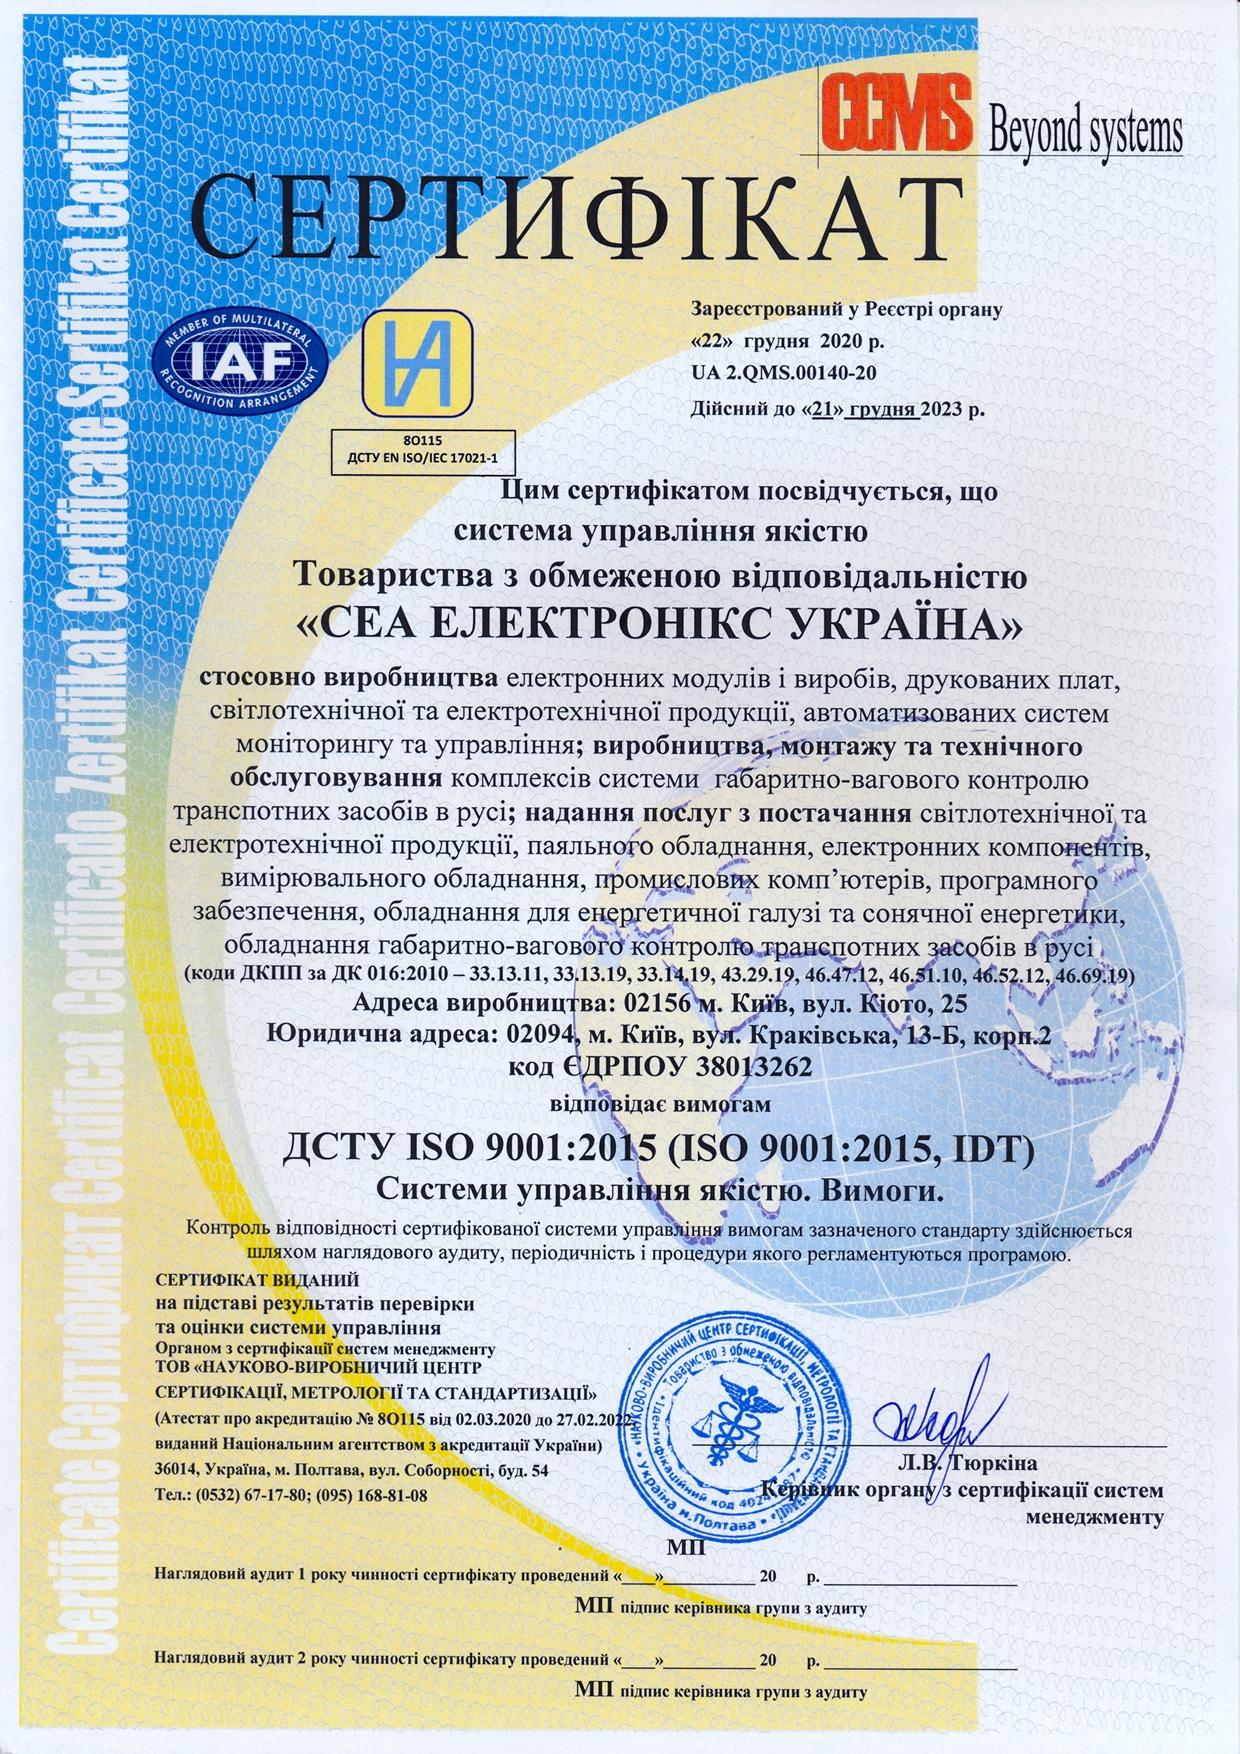 Контрактное производство, поставка продукции и монтаж оборудования Компанией СЭА отвечает требованиям ISO 9001:2015